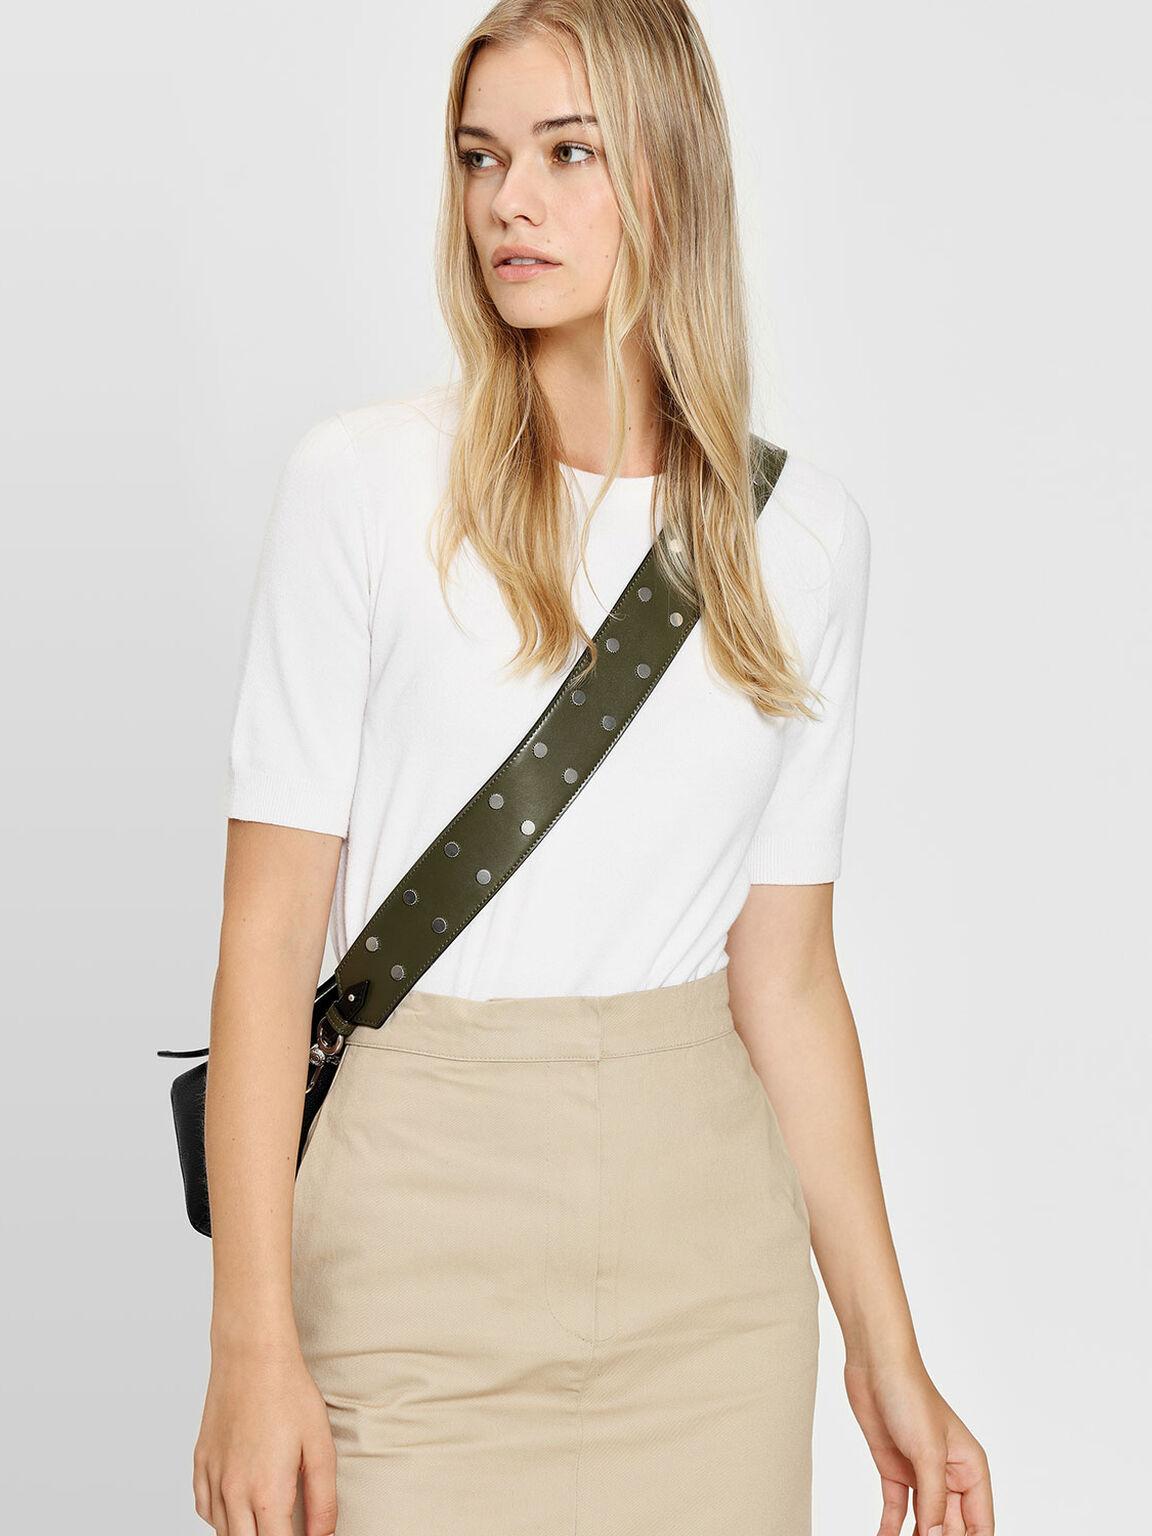 Stud Detail Bag Strap, Olive, hi-res